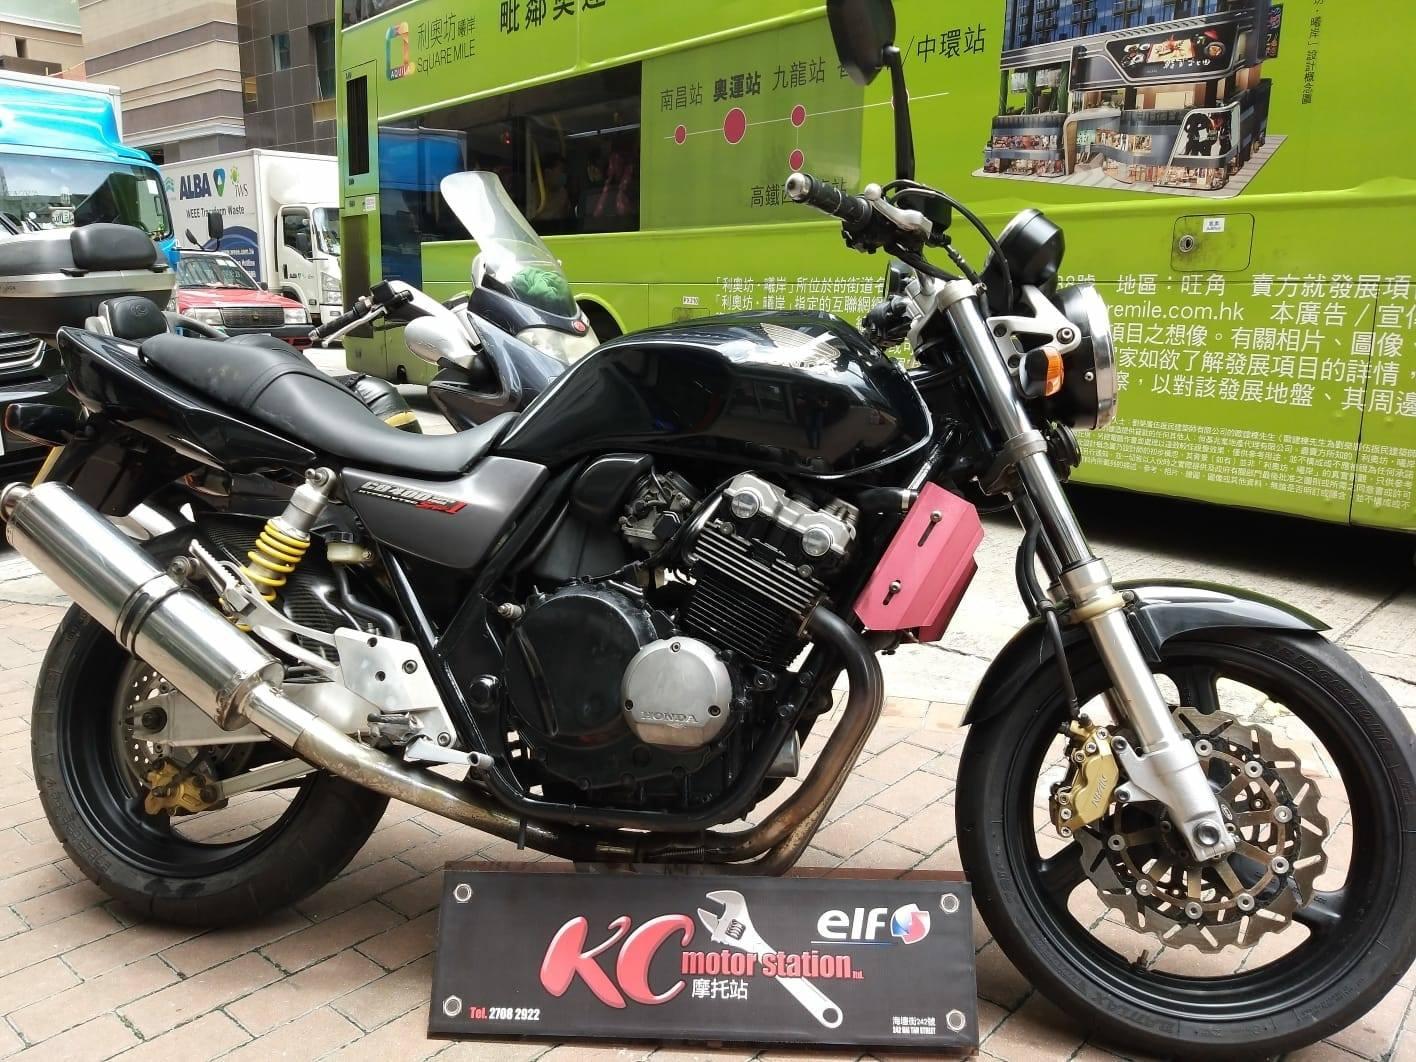 HONDA CB400SF 1999 黑色 - 「Webike摩托車市」